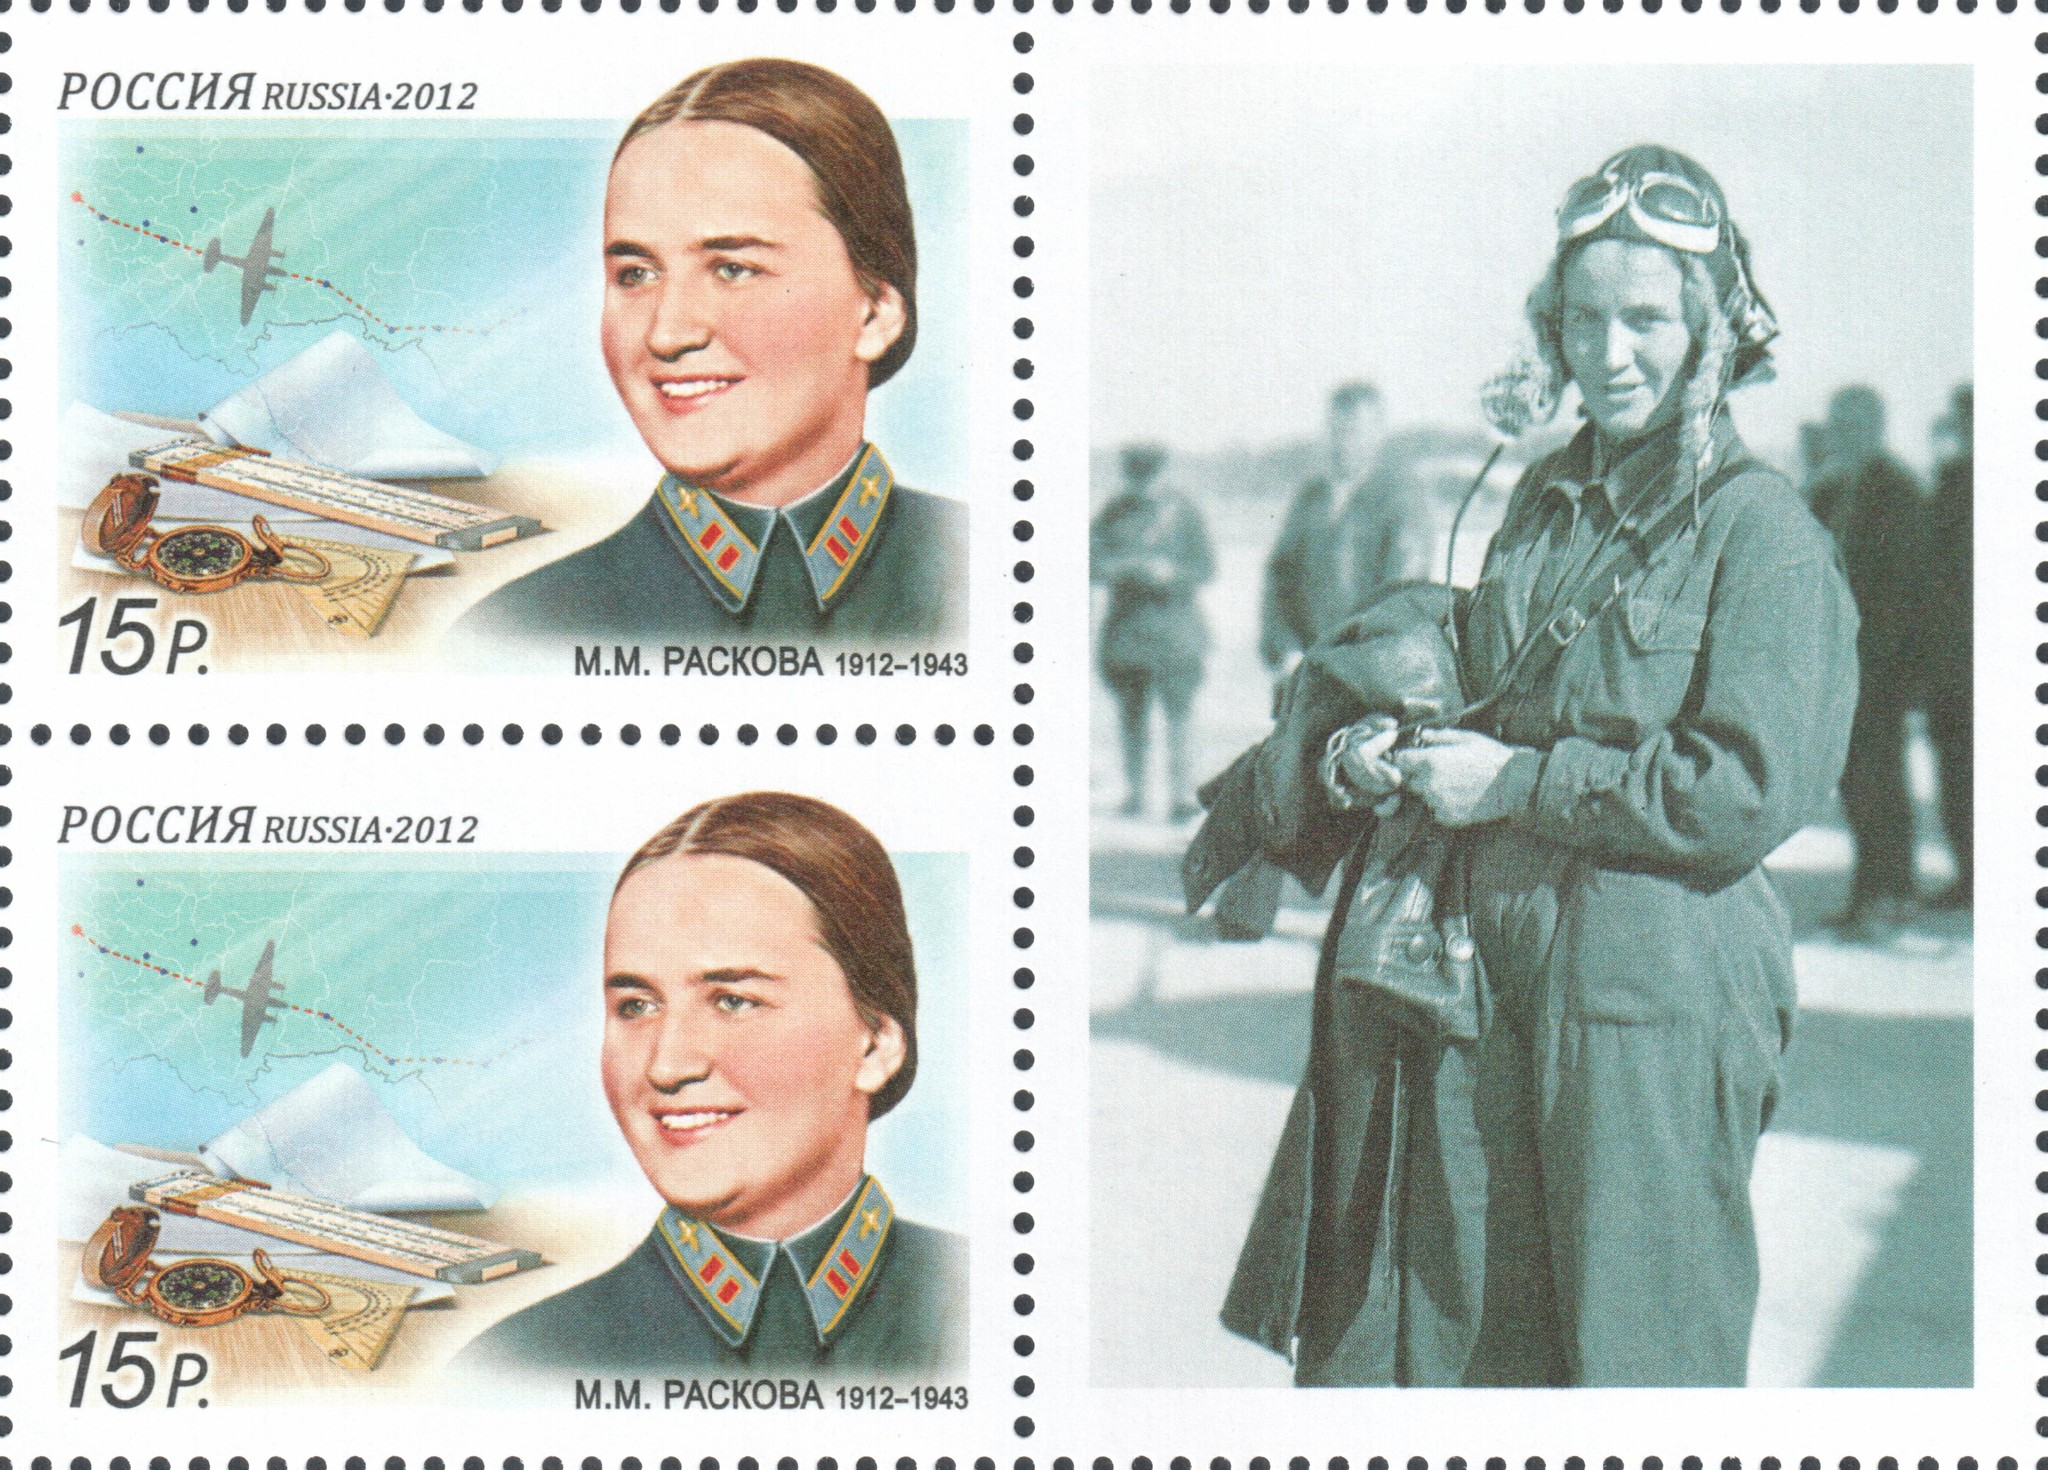 Марина Михайловна Раскова - лётчик-штурман, Герой Советского Союза